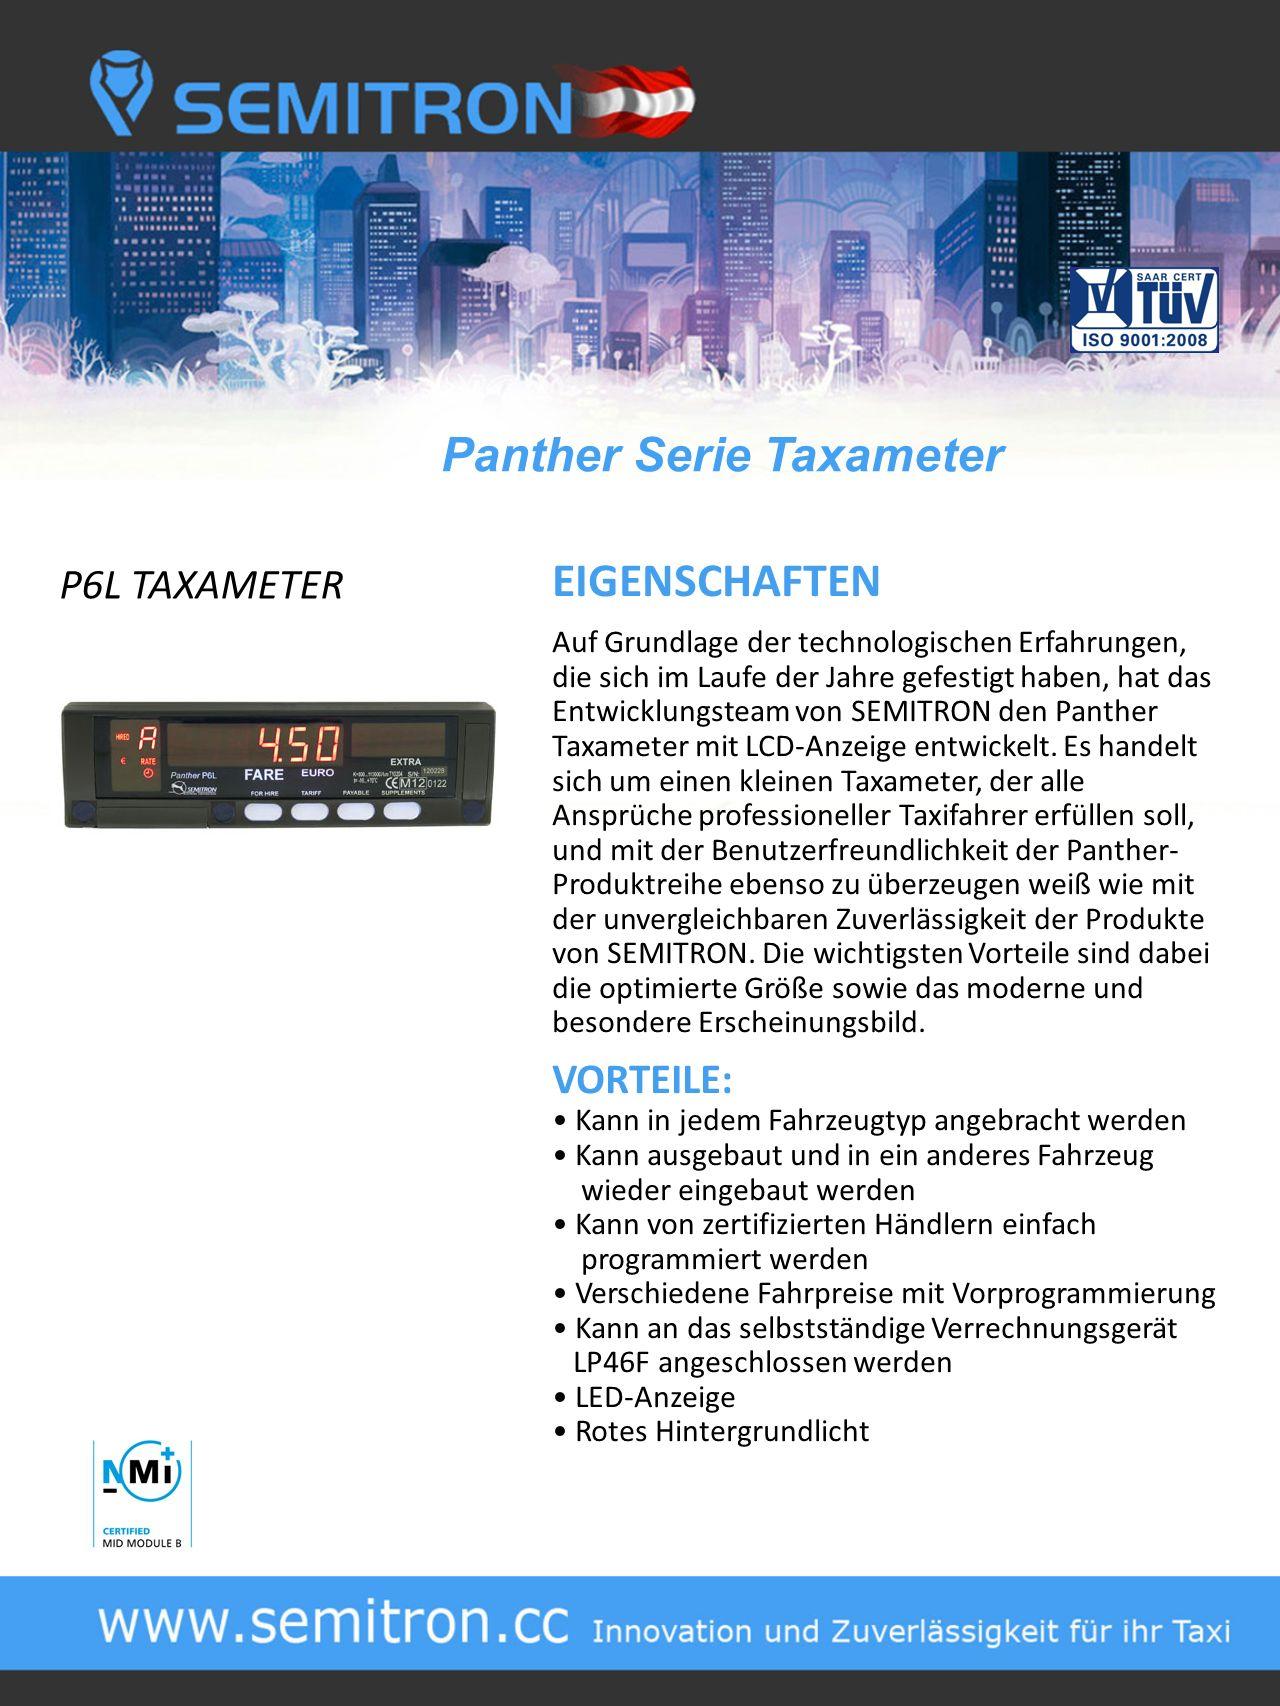 Panther Serie Taxameter P6L TAXAMETER EIGENSCHAFTEN Auf Grundlage der technologischen Erfahrungen, die sich im Laufe der Jahre gefestigt haben, hat das Entwicklungsteam von SEMITRON den Panther Taxameter mit LCD-Anzeige entwickelt.